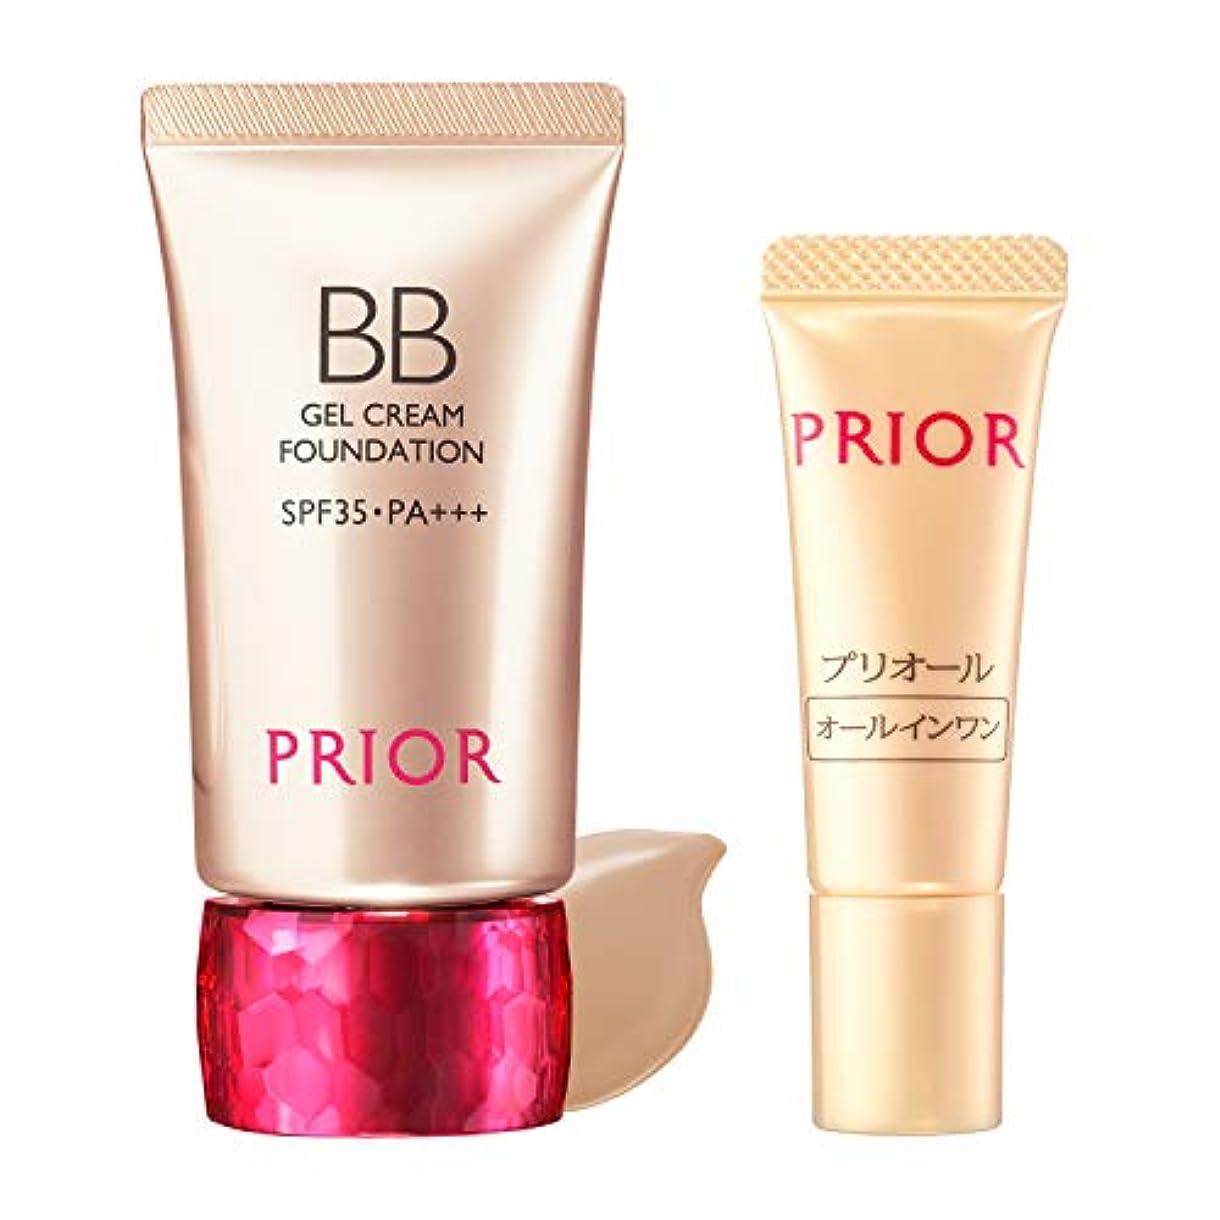 累計コンパイル興味PRIOR(プリオール) 美つやBBジェルクリーム 限定セット g BBクリーム オークル3(セット品) 30g+1g